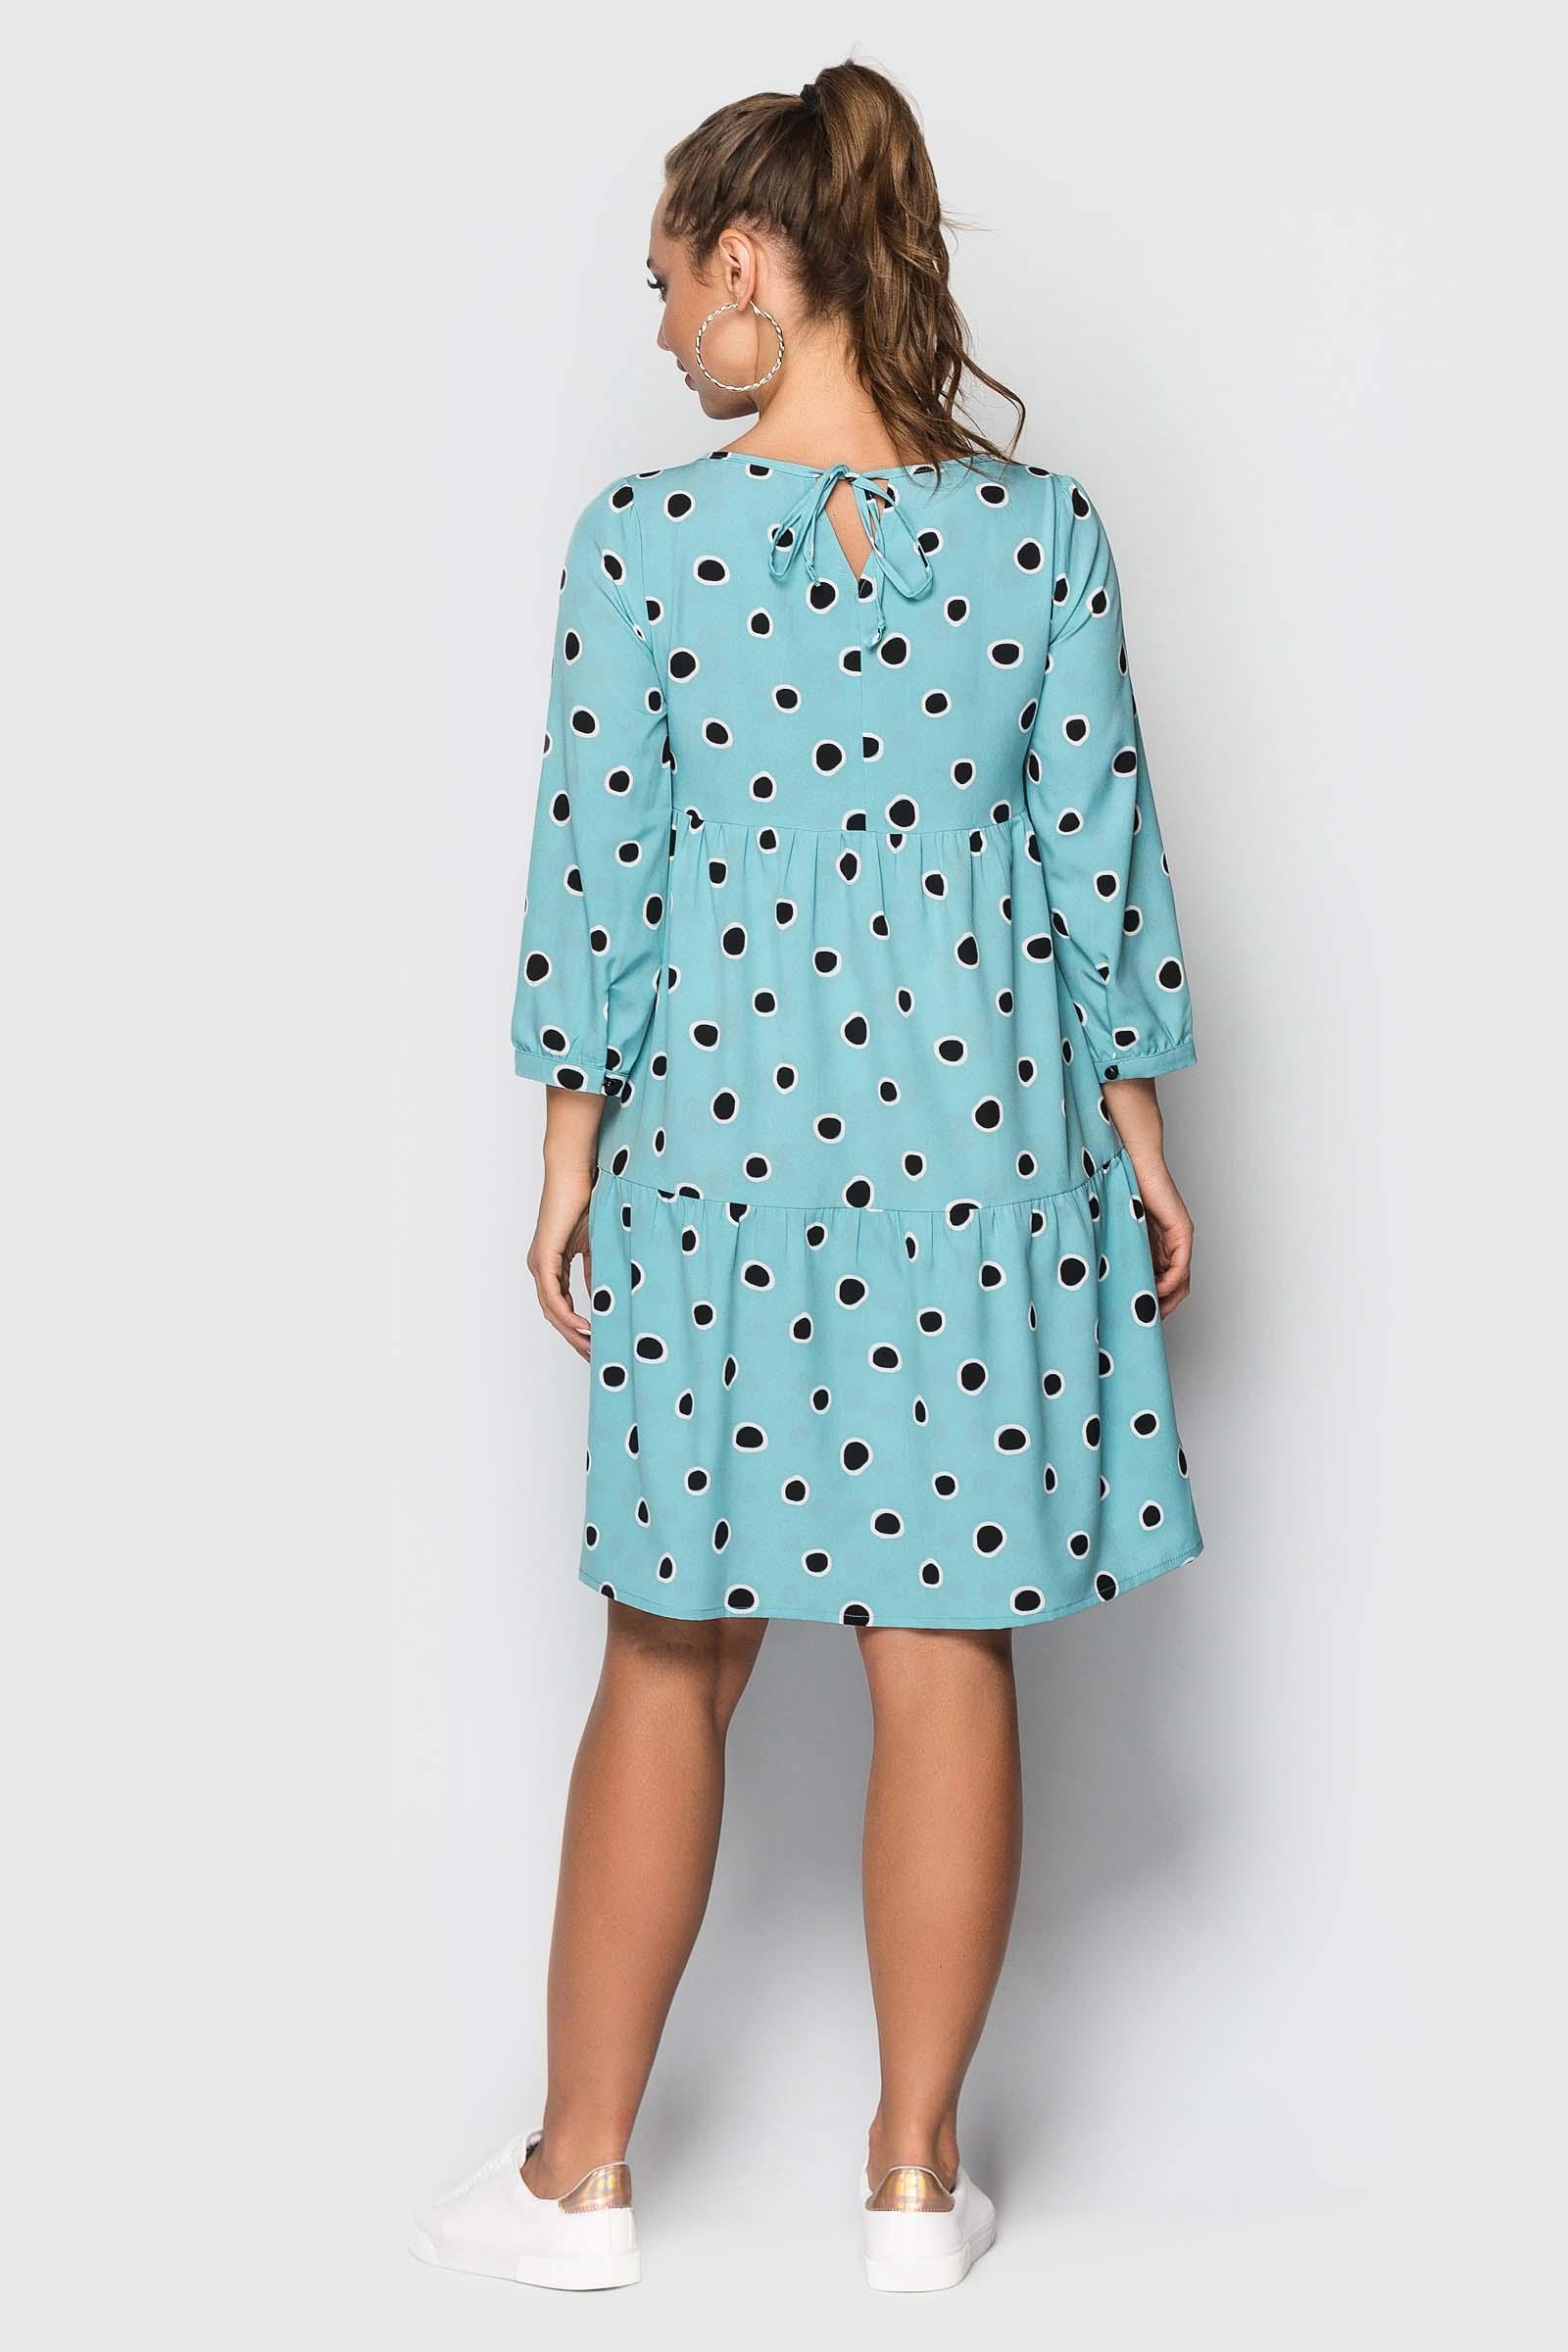 2020 01 23 337861 Купить платье